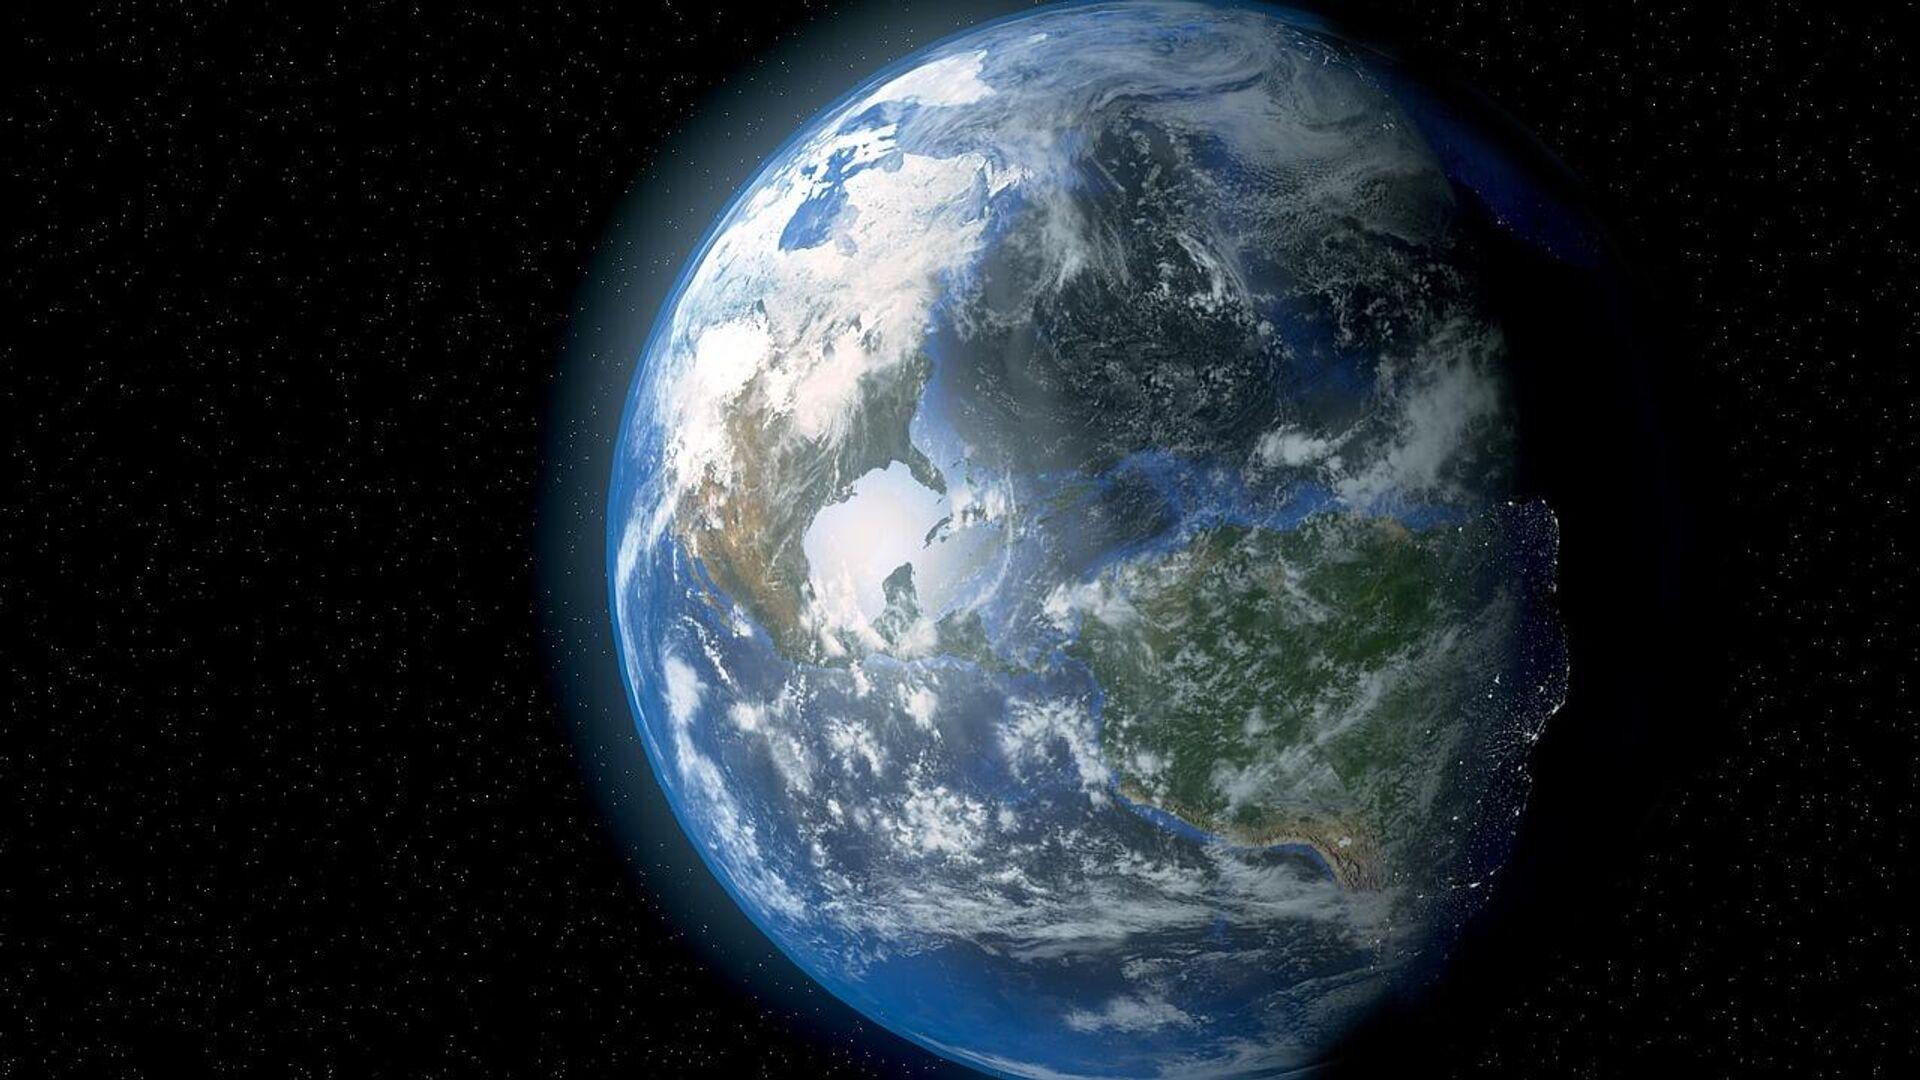 Erde (Symbolbild) - SNA, 1920, 28.02.2021